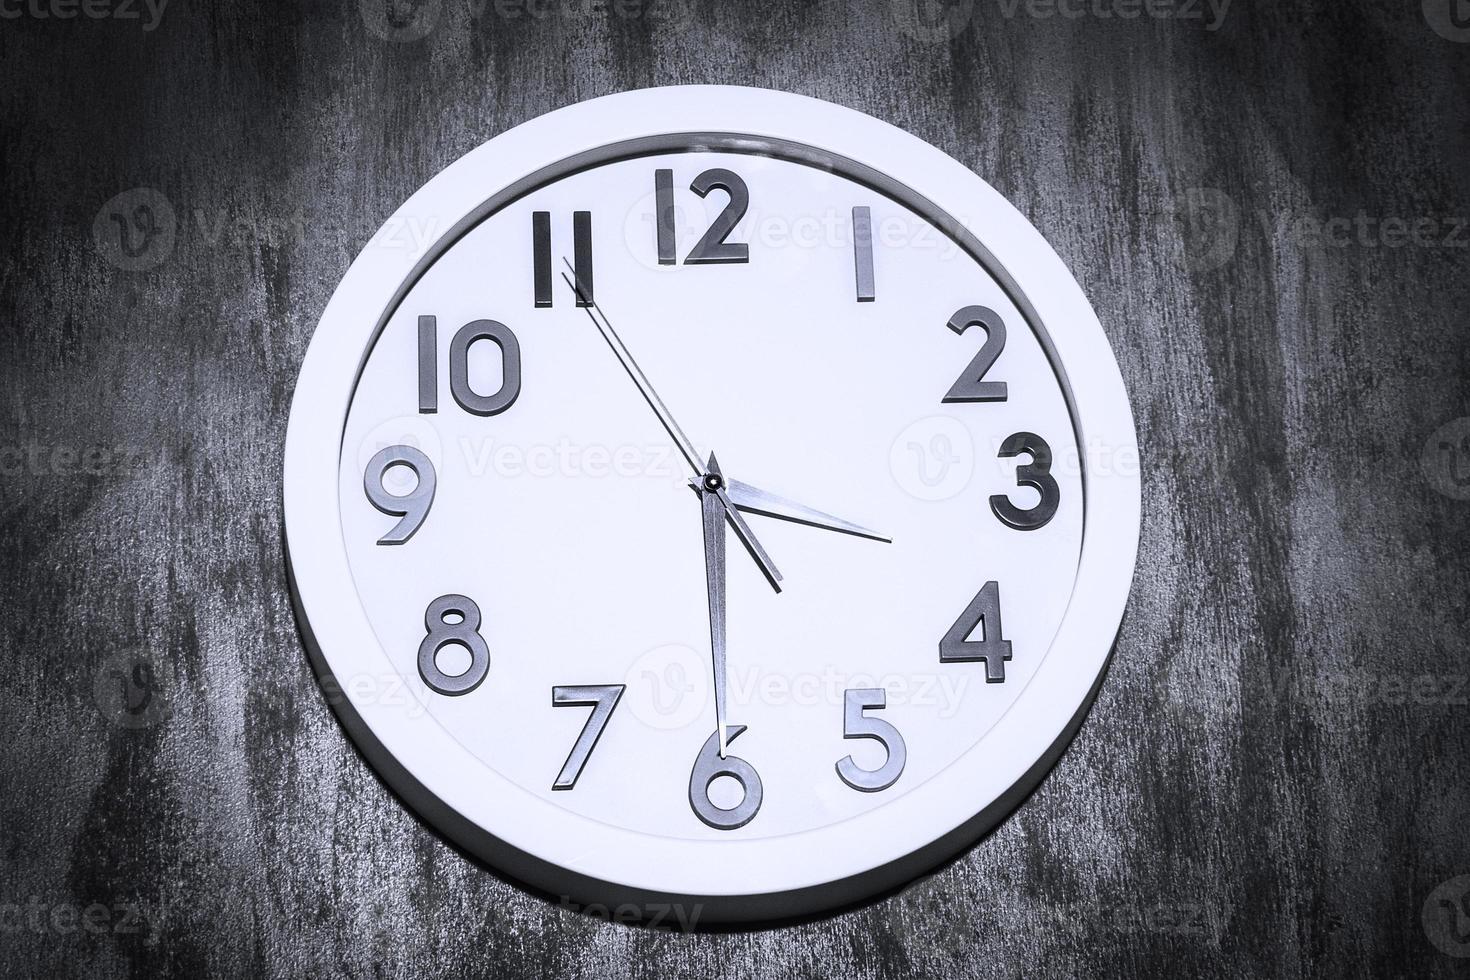 relógio moderno em uma parede de concreto sujo foto